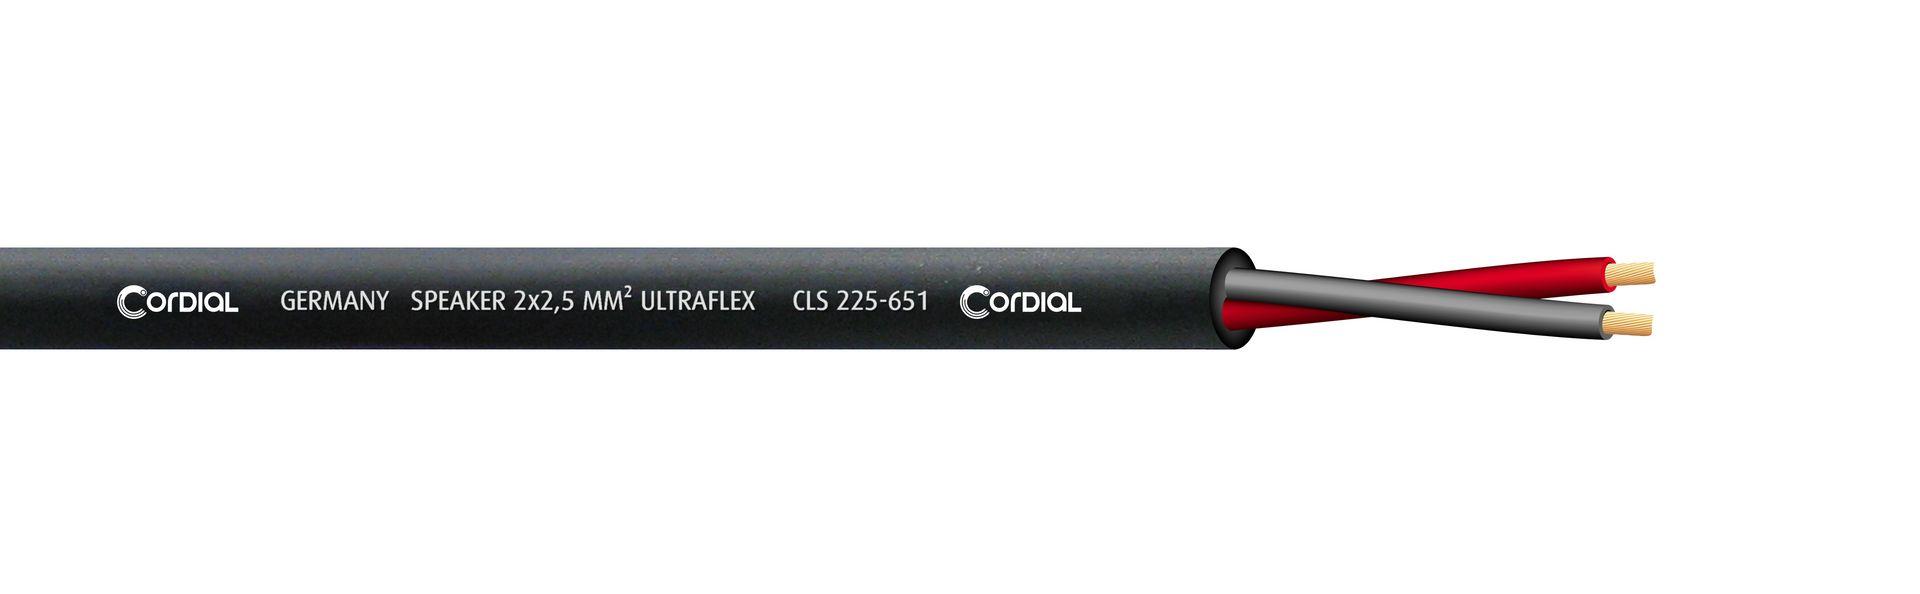 Cordial CLS 225-651 BK Lautsprecherkabel black 2 x 2,50 qmm, Meterware Ultraflex